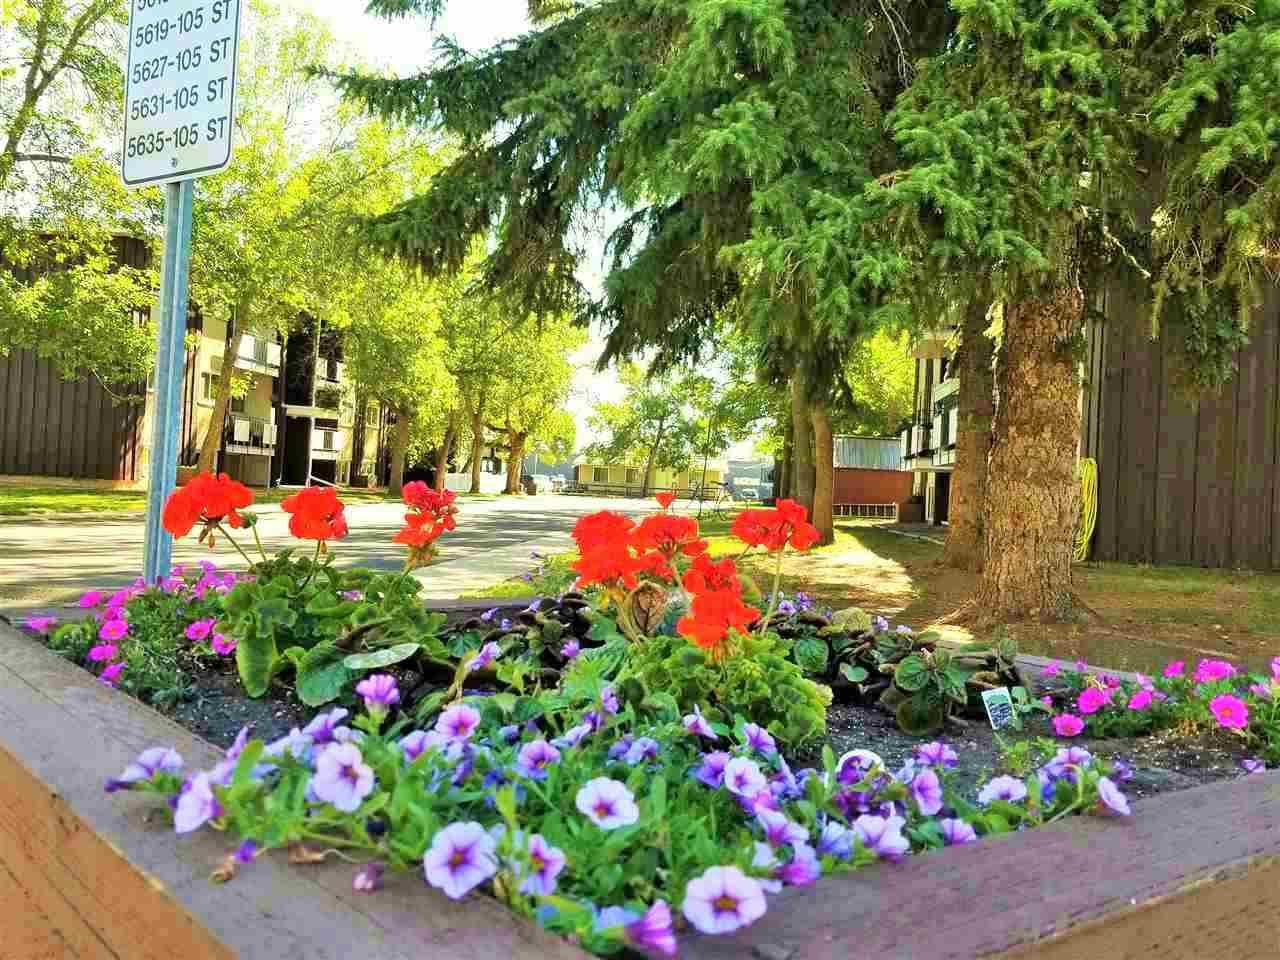 Main Photo: 4 5635 105 Street in Edmonton: Zone 15 Condo for sale : MLS®# E4155811